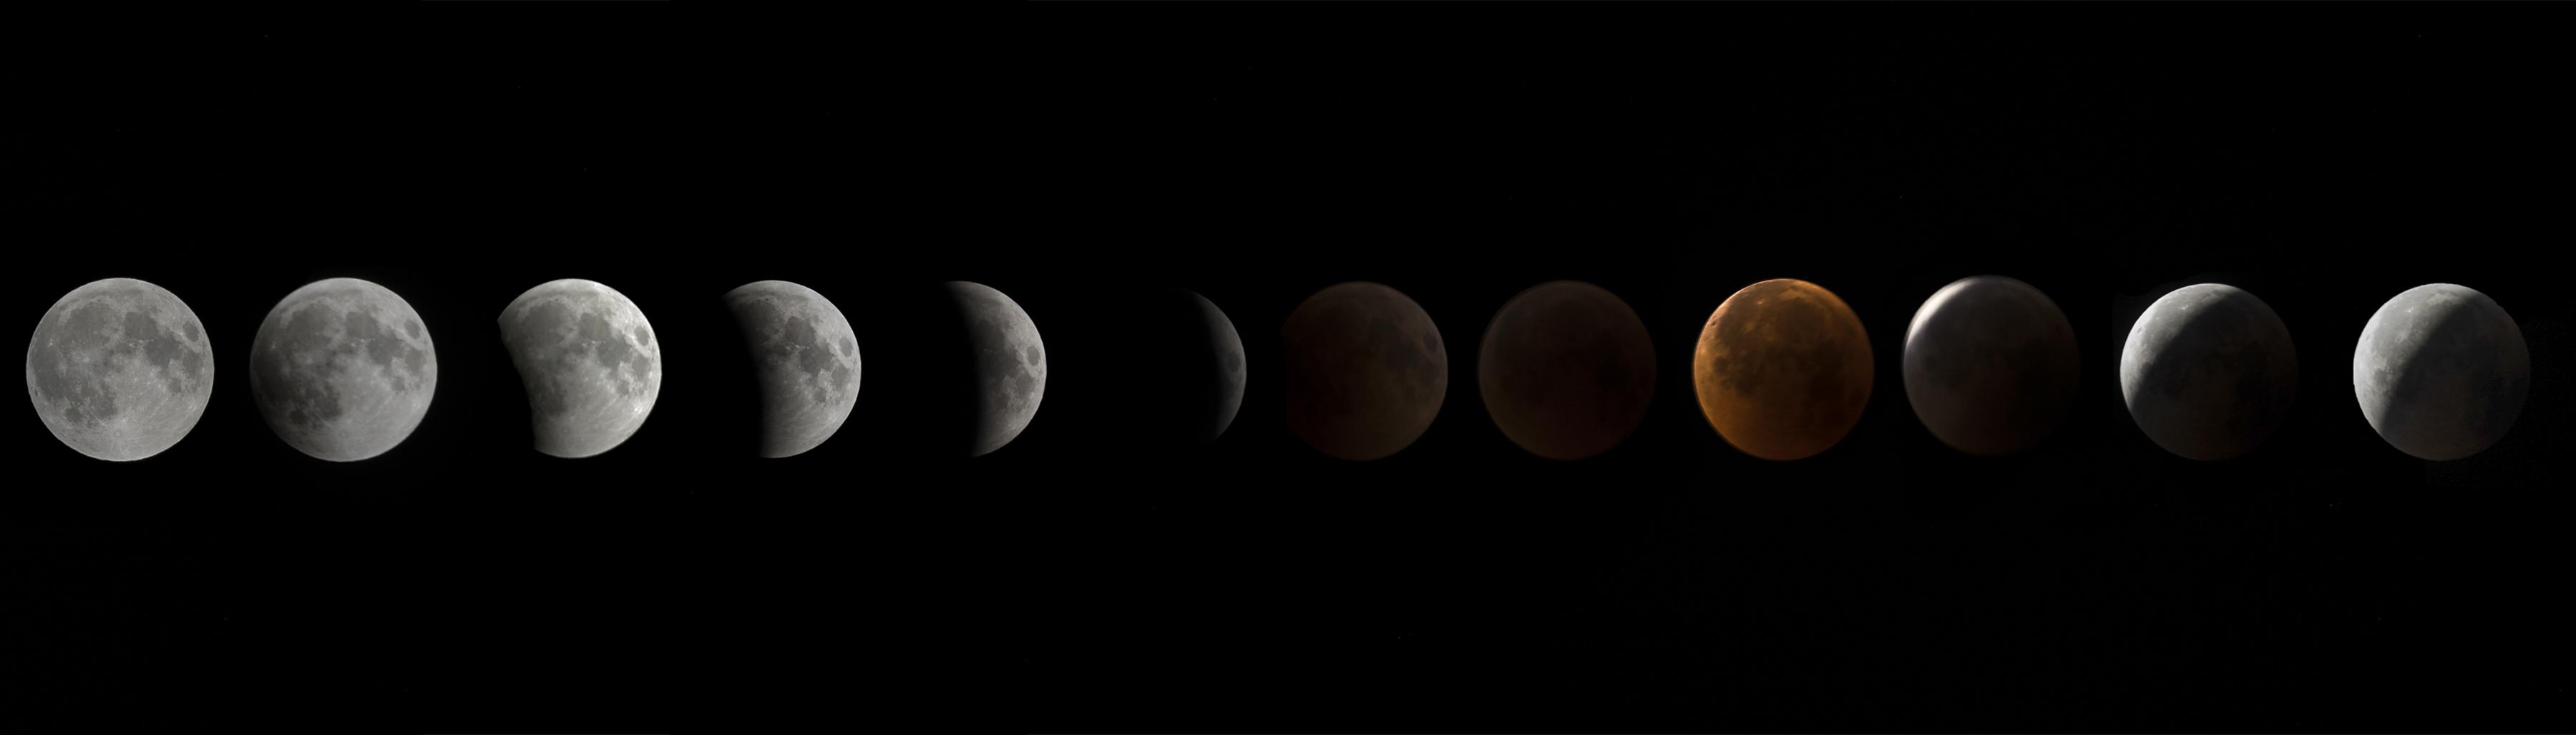 blood moon eclipse hawaii - photo #44